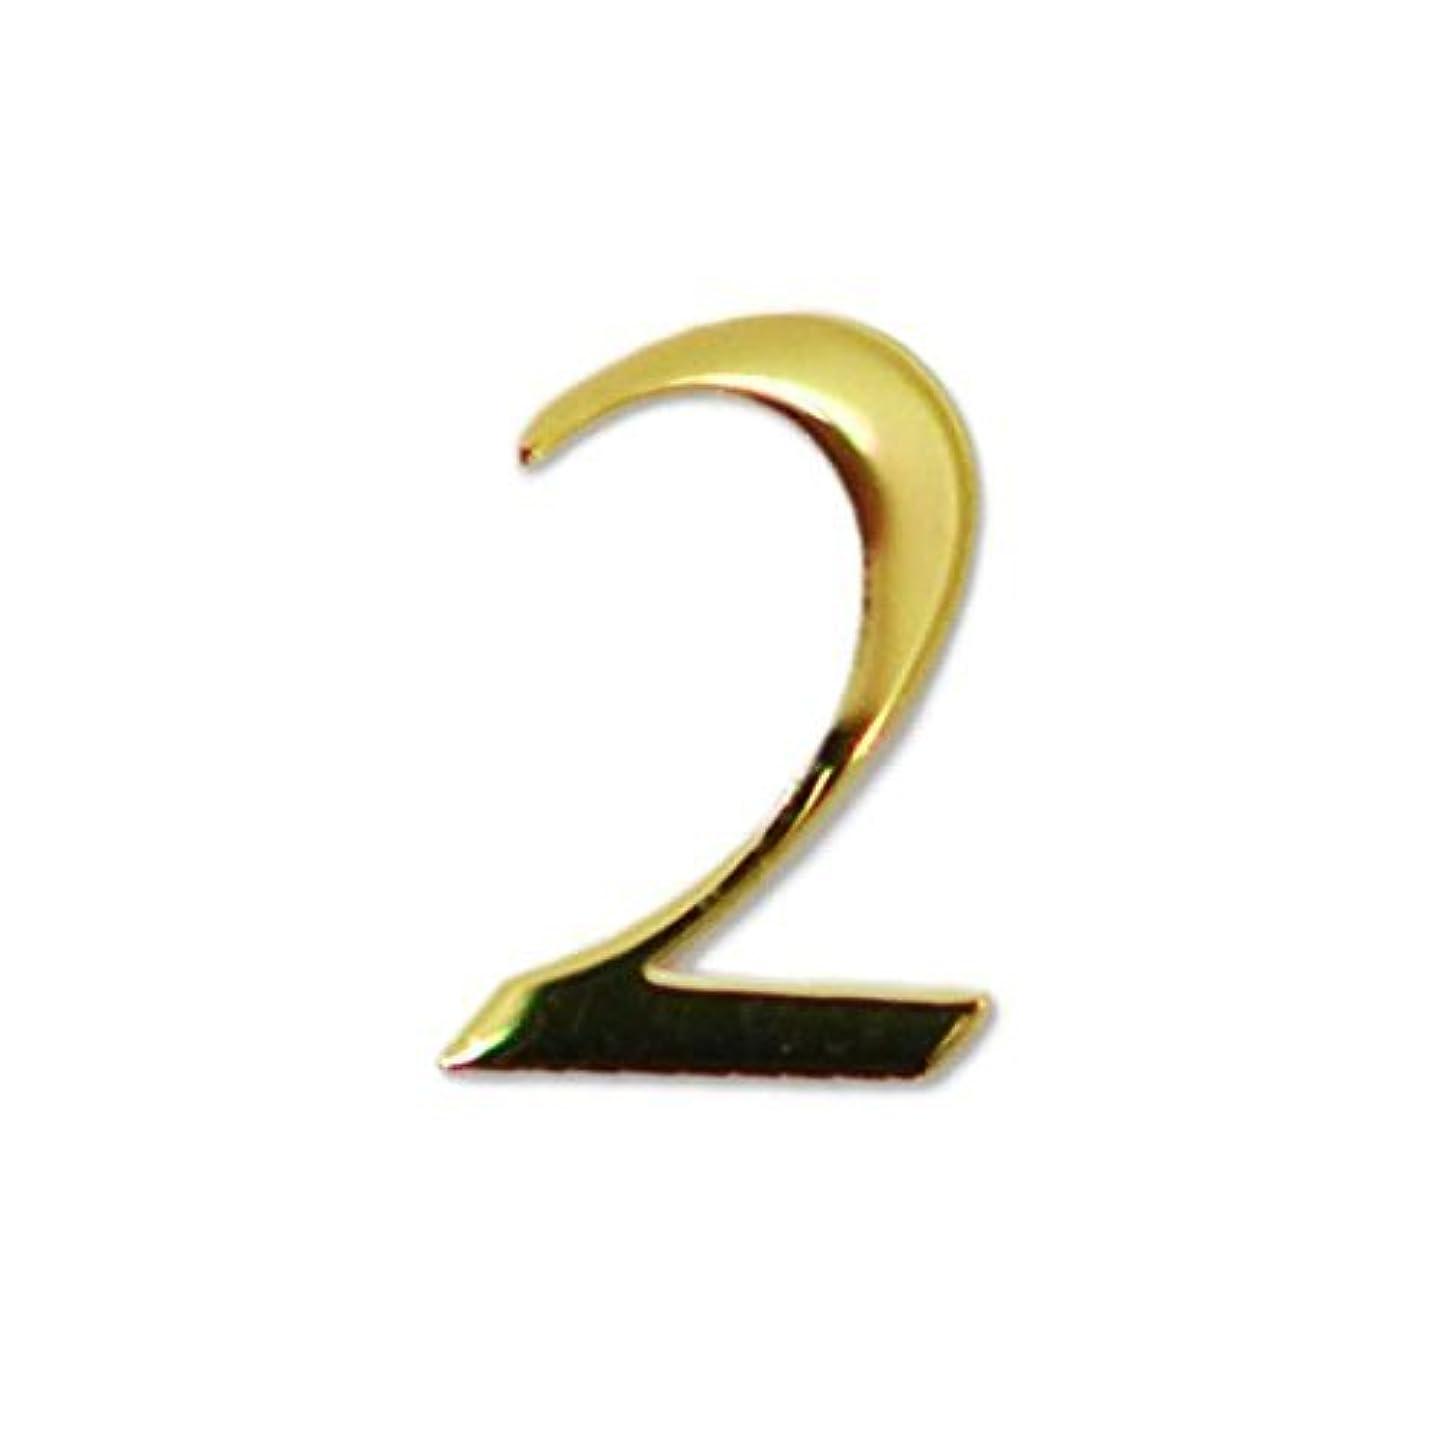 飢饉長さに応じて数字の薄型メタルパーツ ゴールド 30枚 (2(two/弐)2mm×4mm)